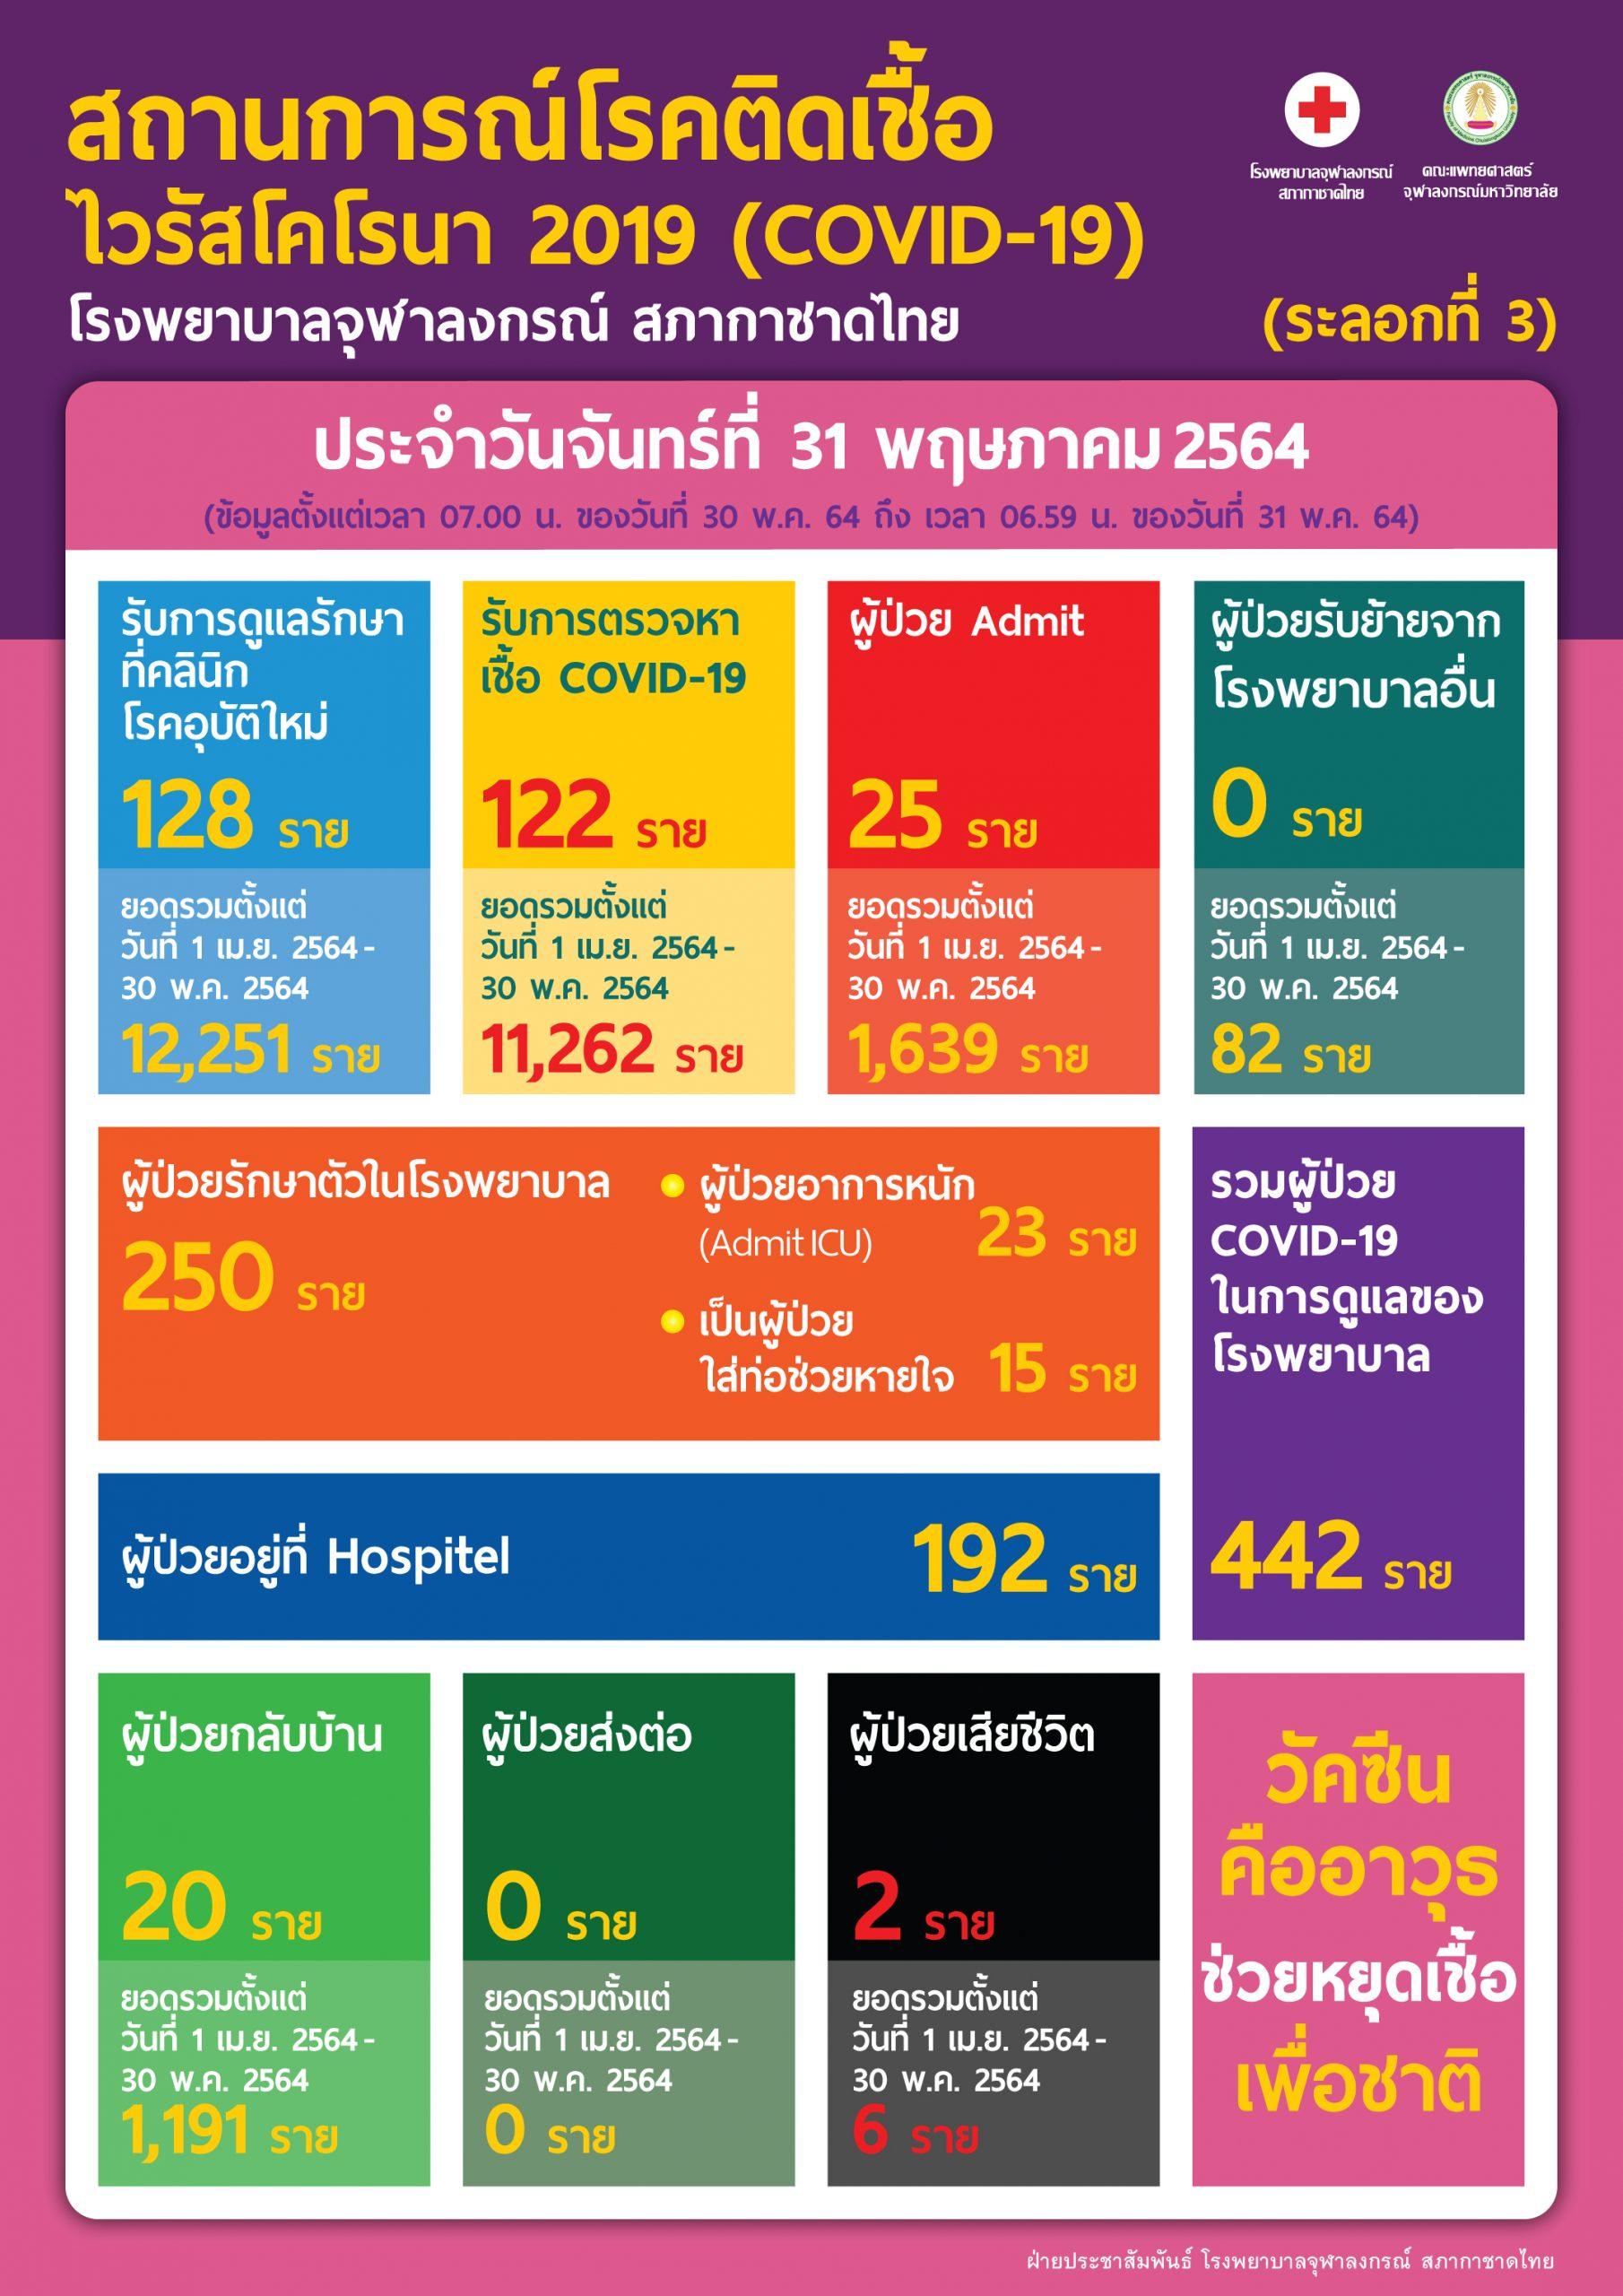 สถานการณ์โรคติดเชื้อ ไวรัสโคโรนา 2019 (COVID-19)  (ระลอกที่ 3) โรงพยาบาลจุฬาลงกรณ์ สภากาชาดไทย ประจำวันจันทร์ที่ 31 พฤษภาคม 2564